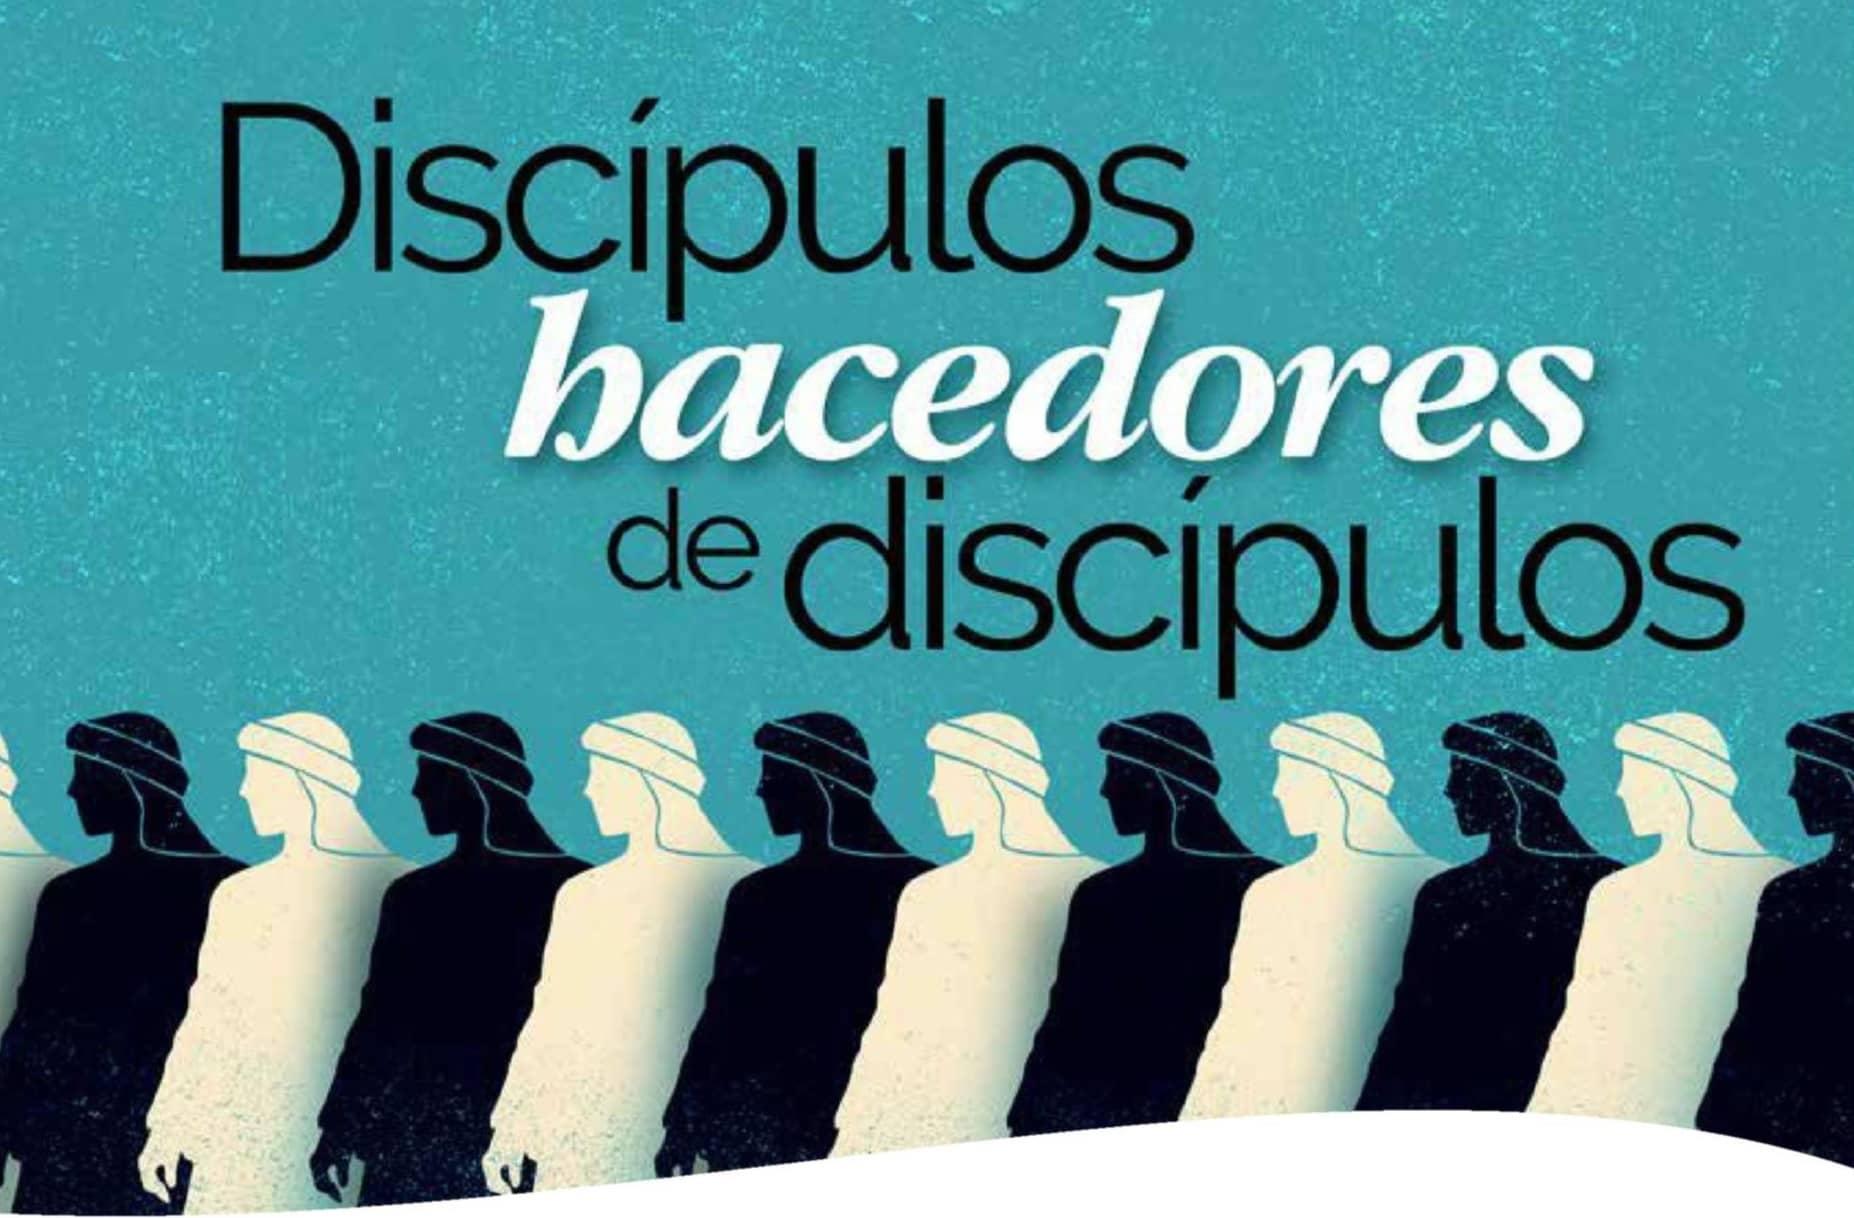 Discipulos bacedores de discipulos